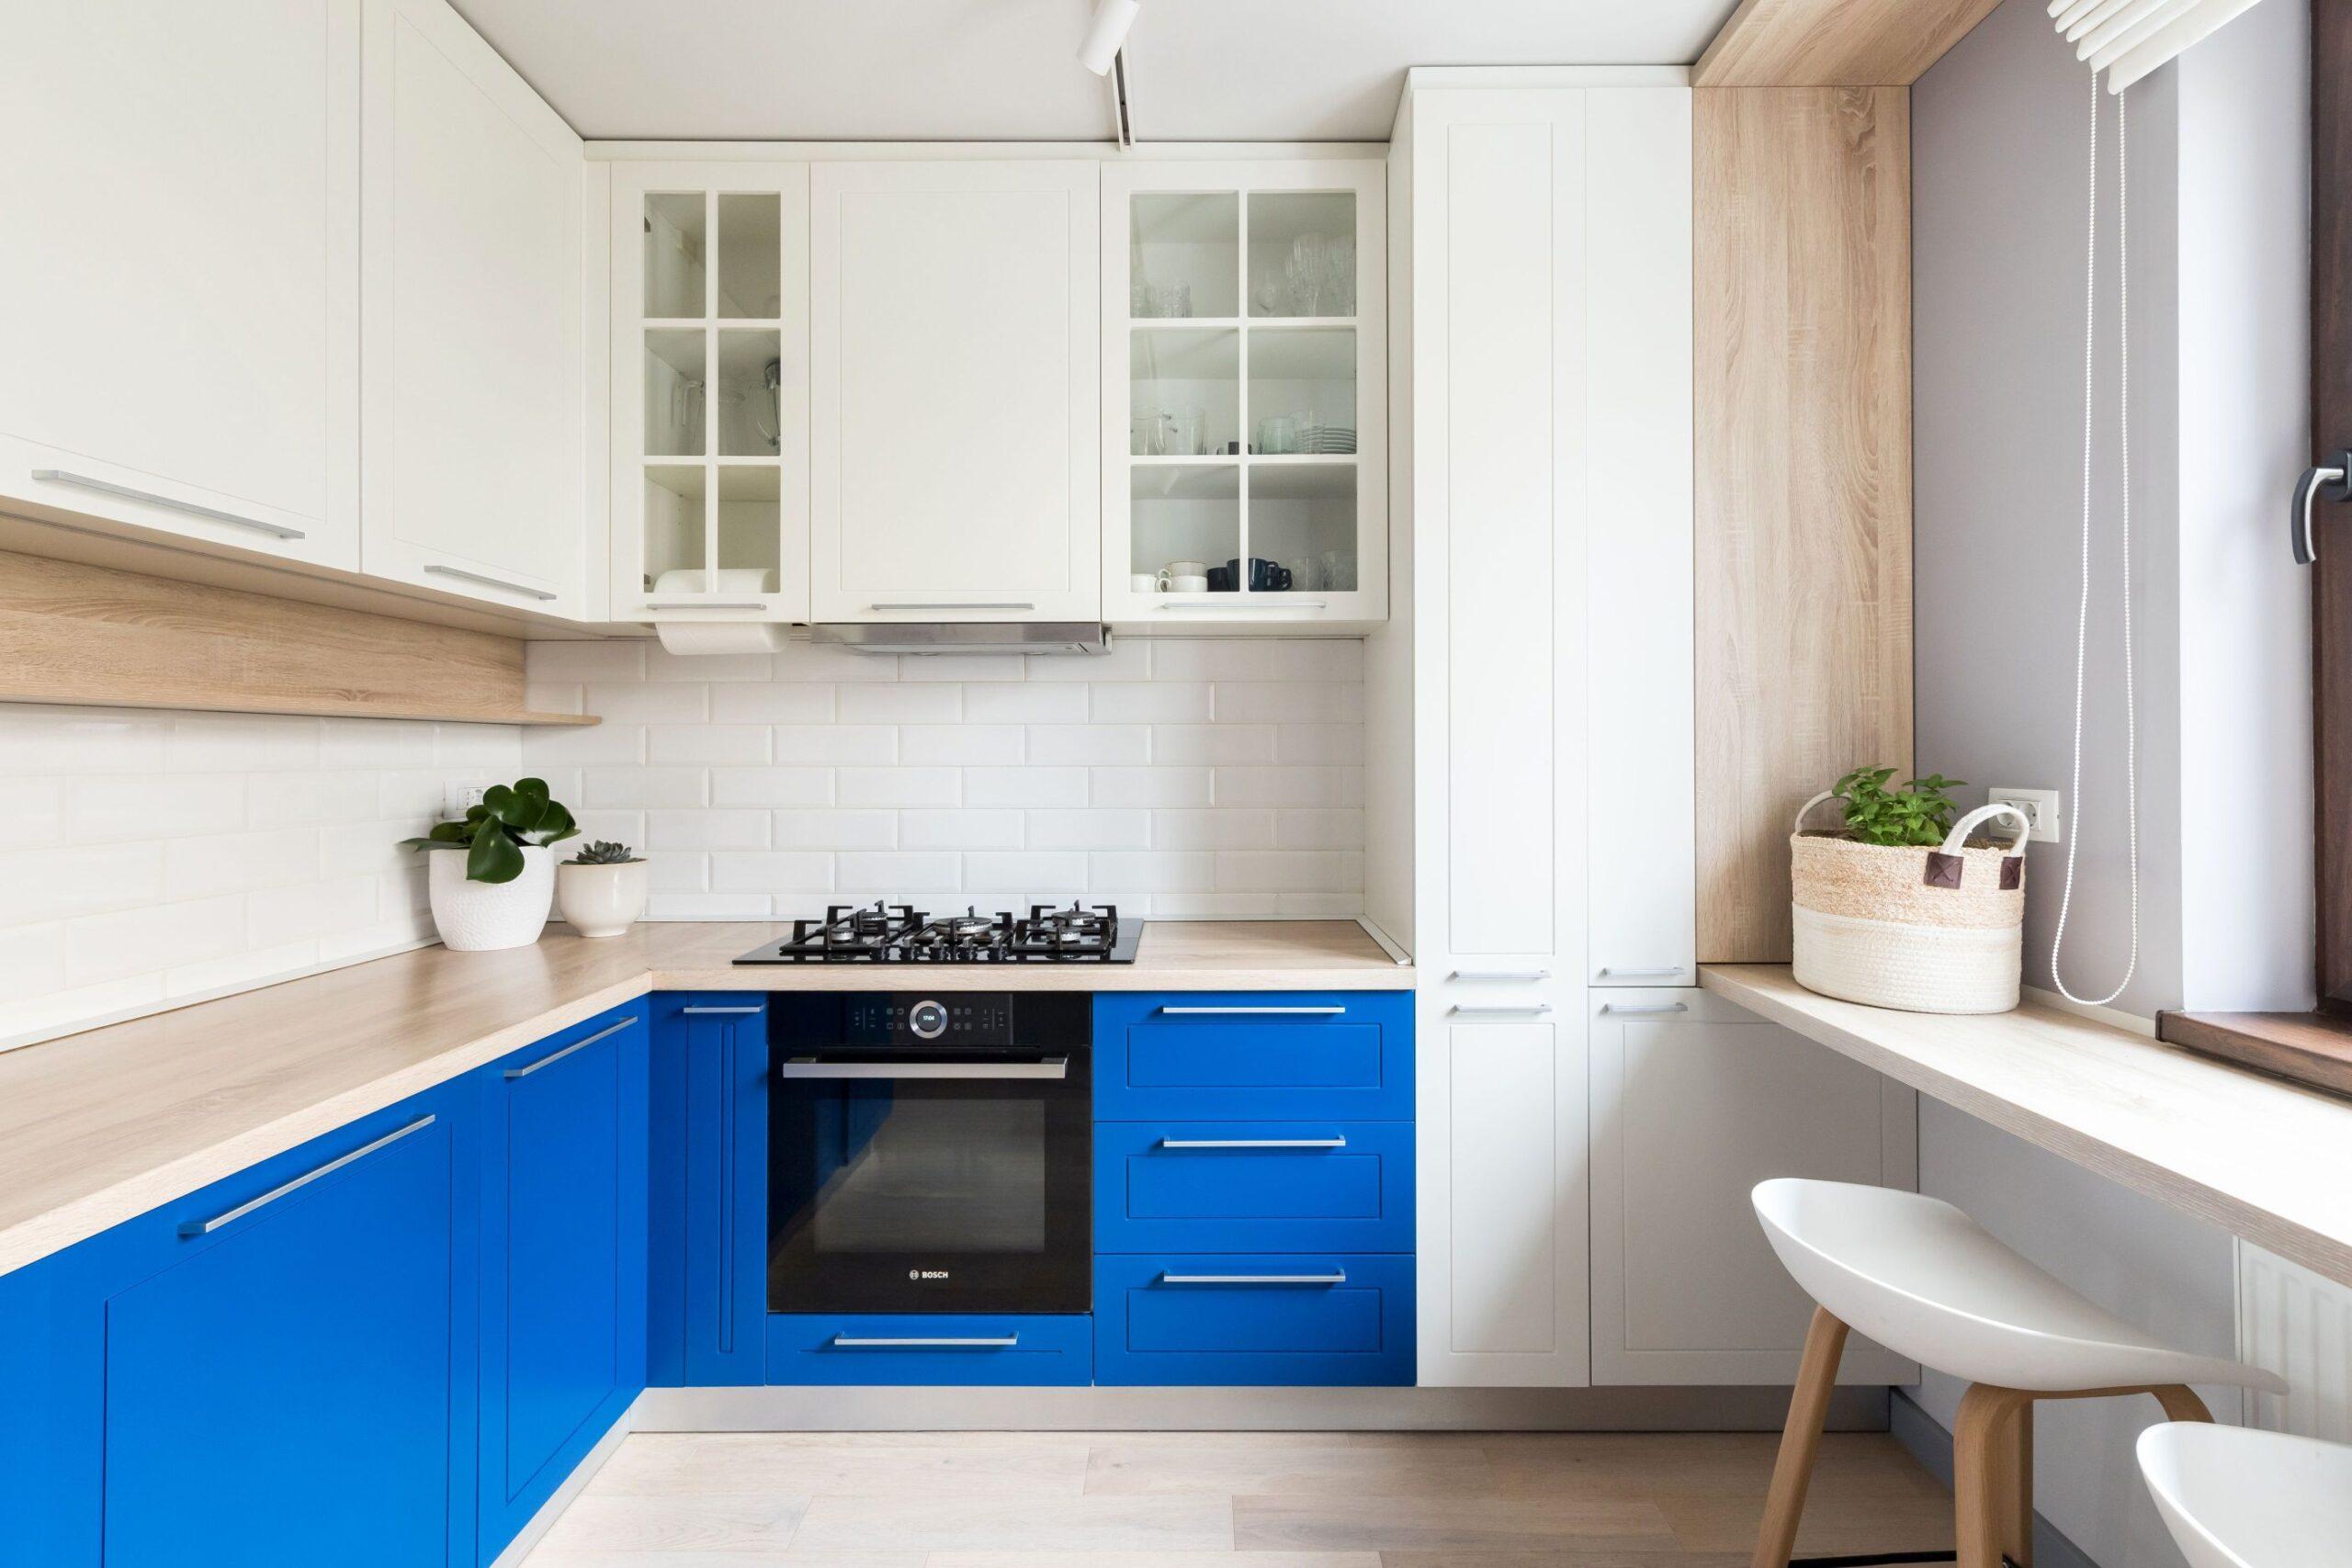 In bucatarie regasim acelasi albastru de berlin la corpurile de mobilier de jos, Corpurile suspendate sunt albe, iar blatul este de lemn.